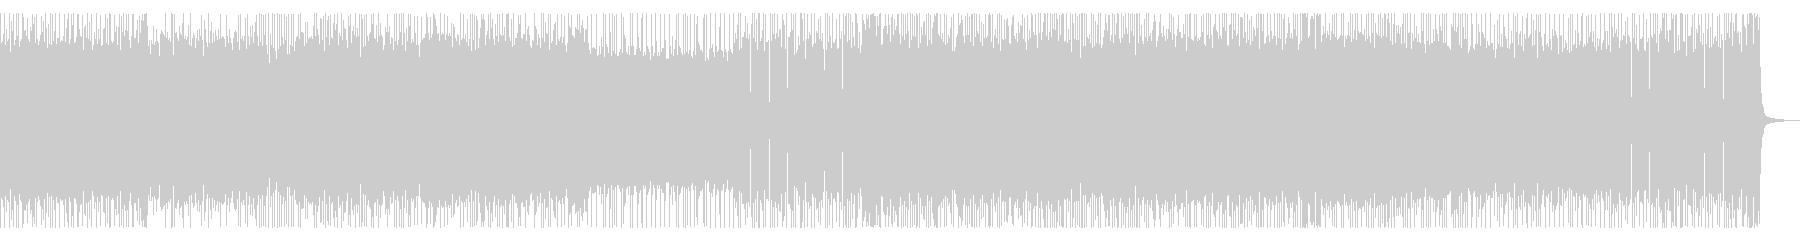 アクションバトルシーン風メタルロック曲の未再生の波形